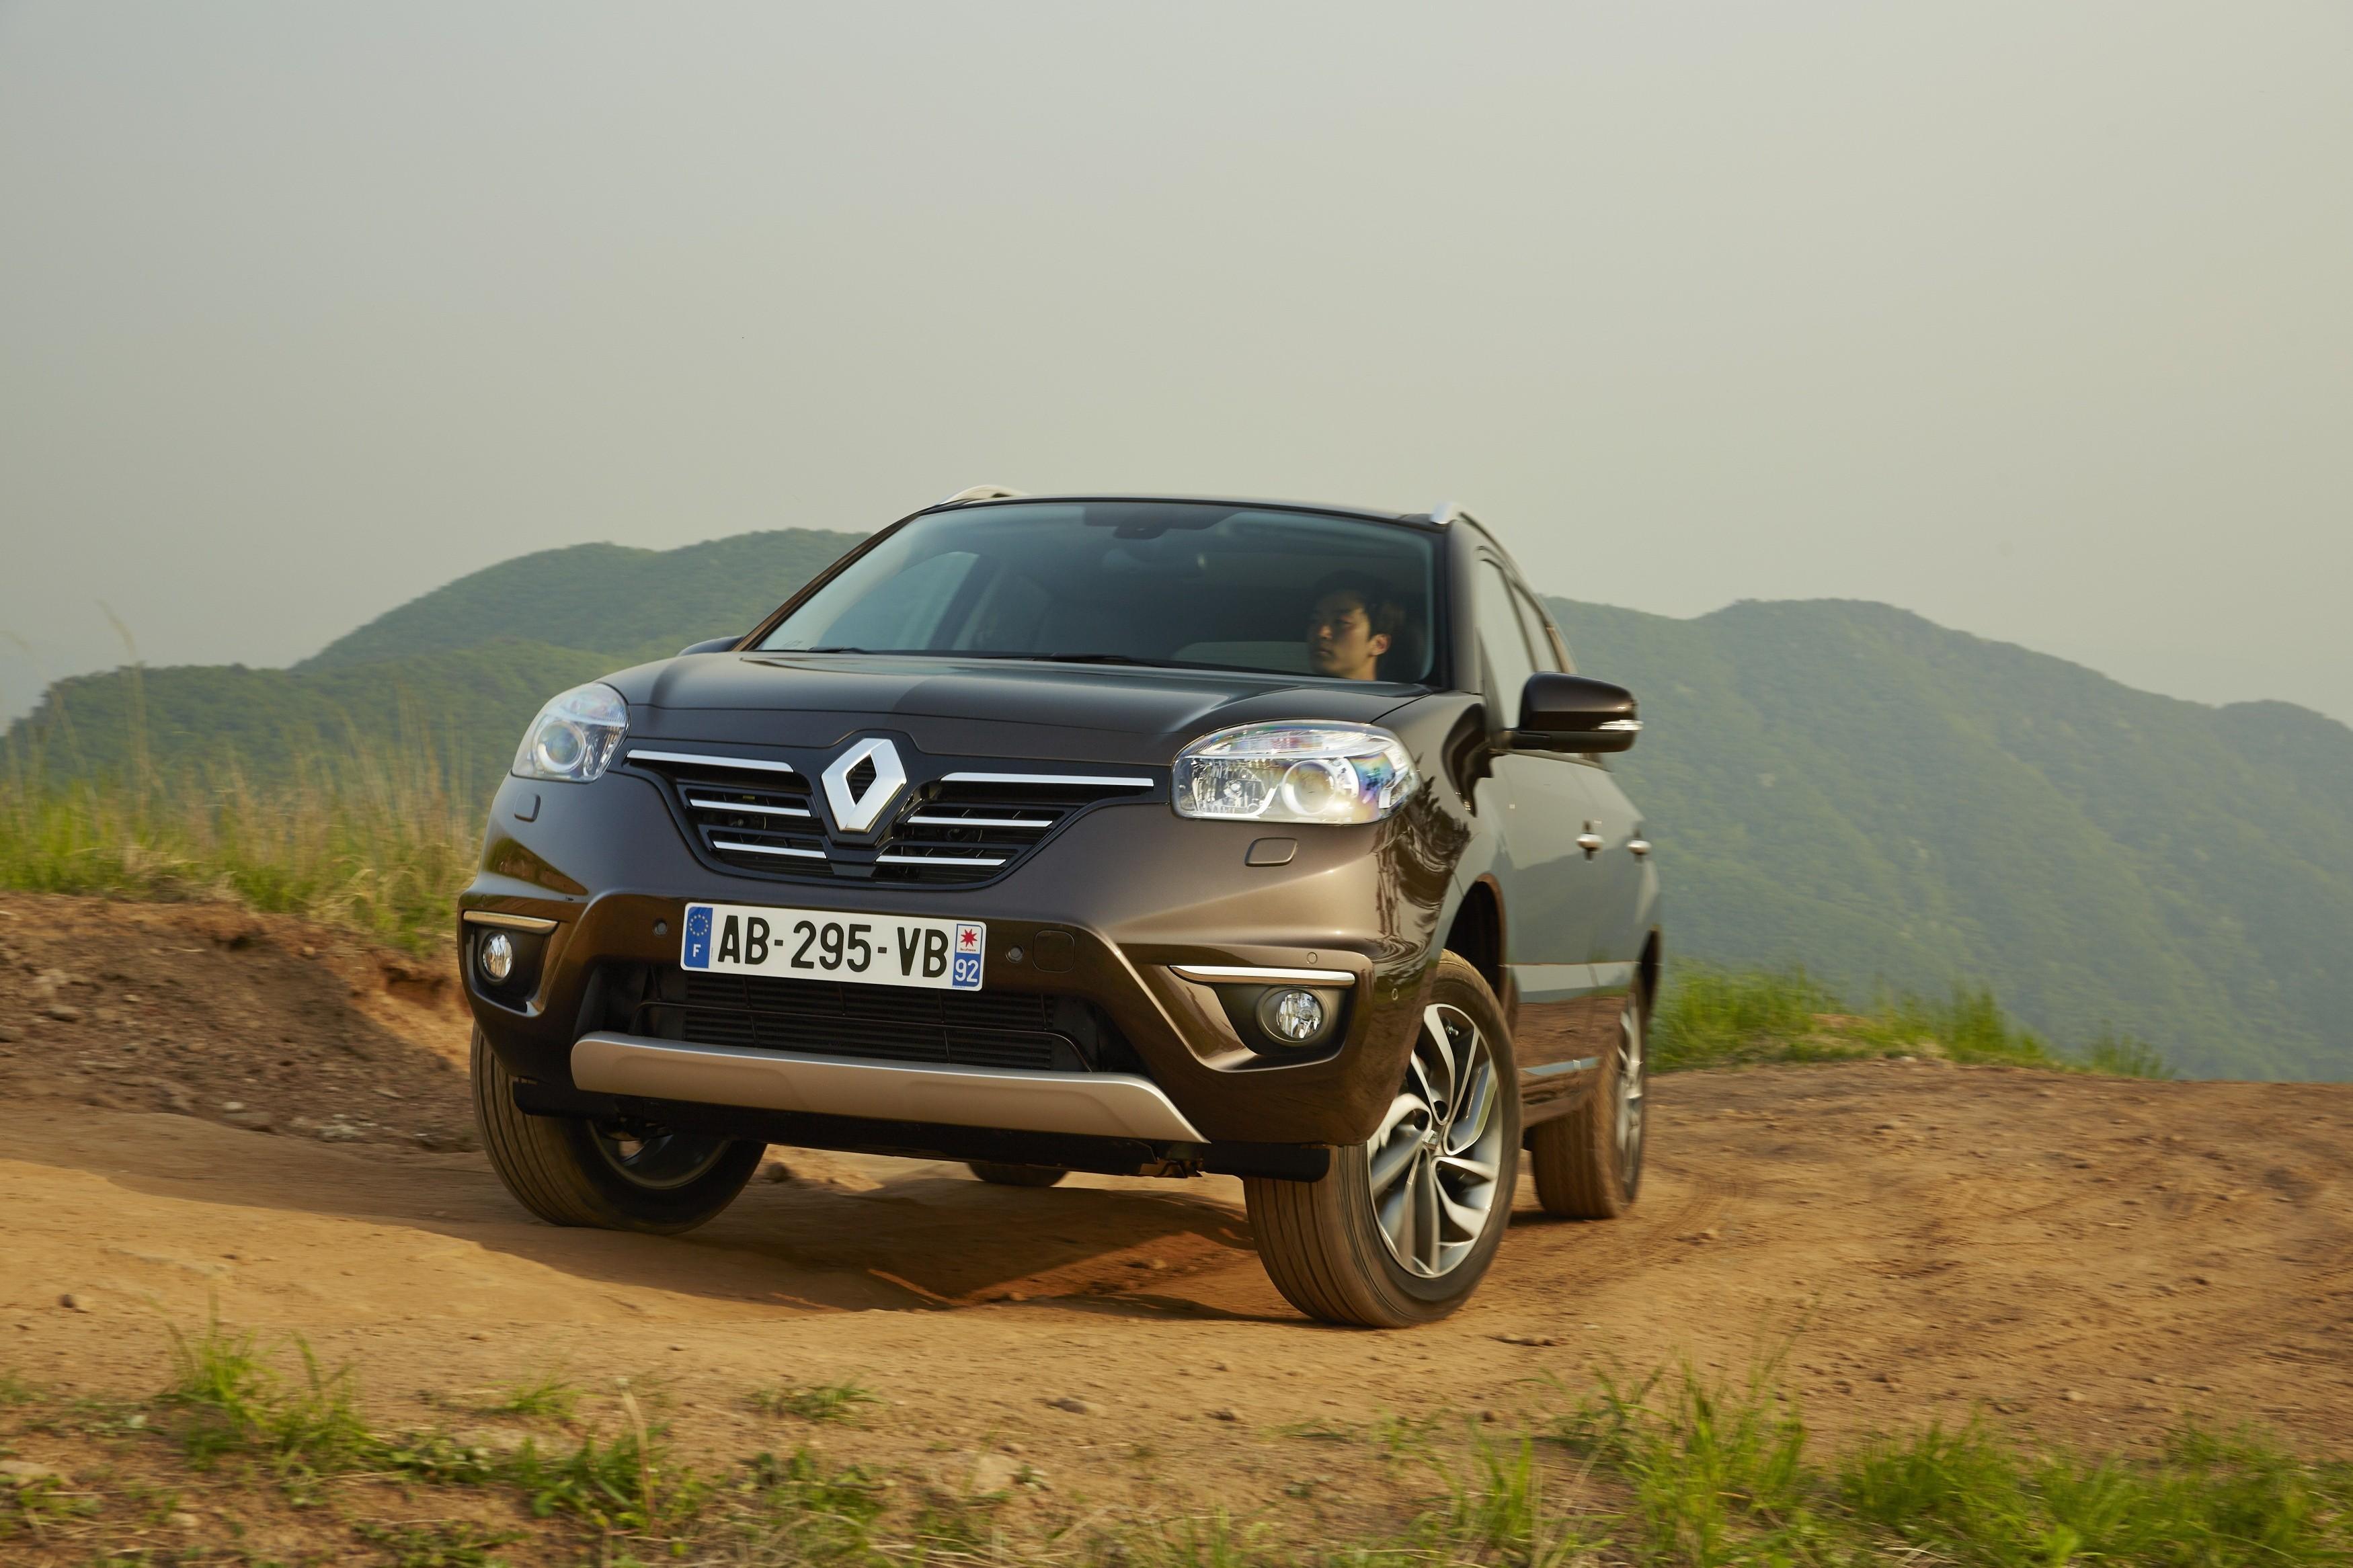 Renault Koleos M.Y. 2014: via alla commercializzazione